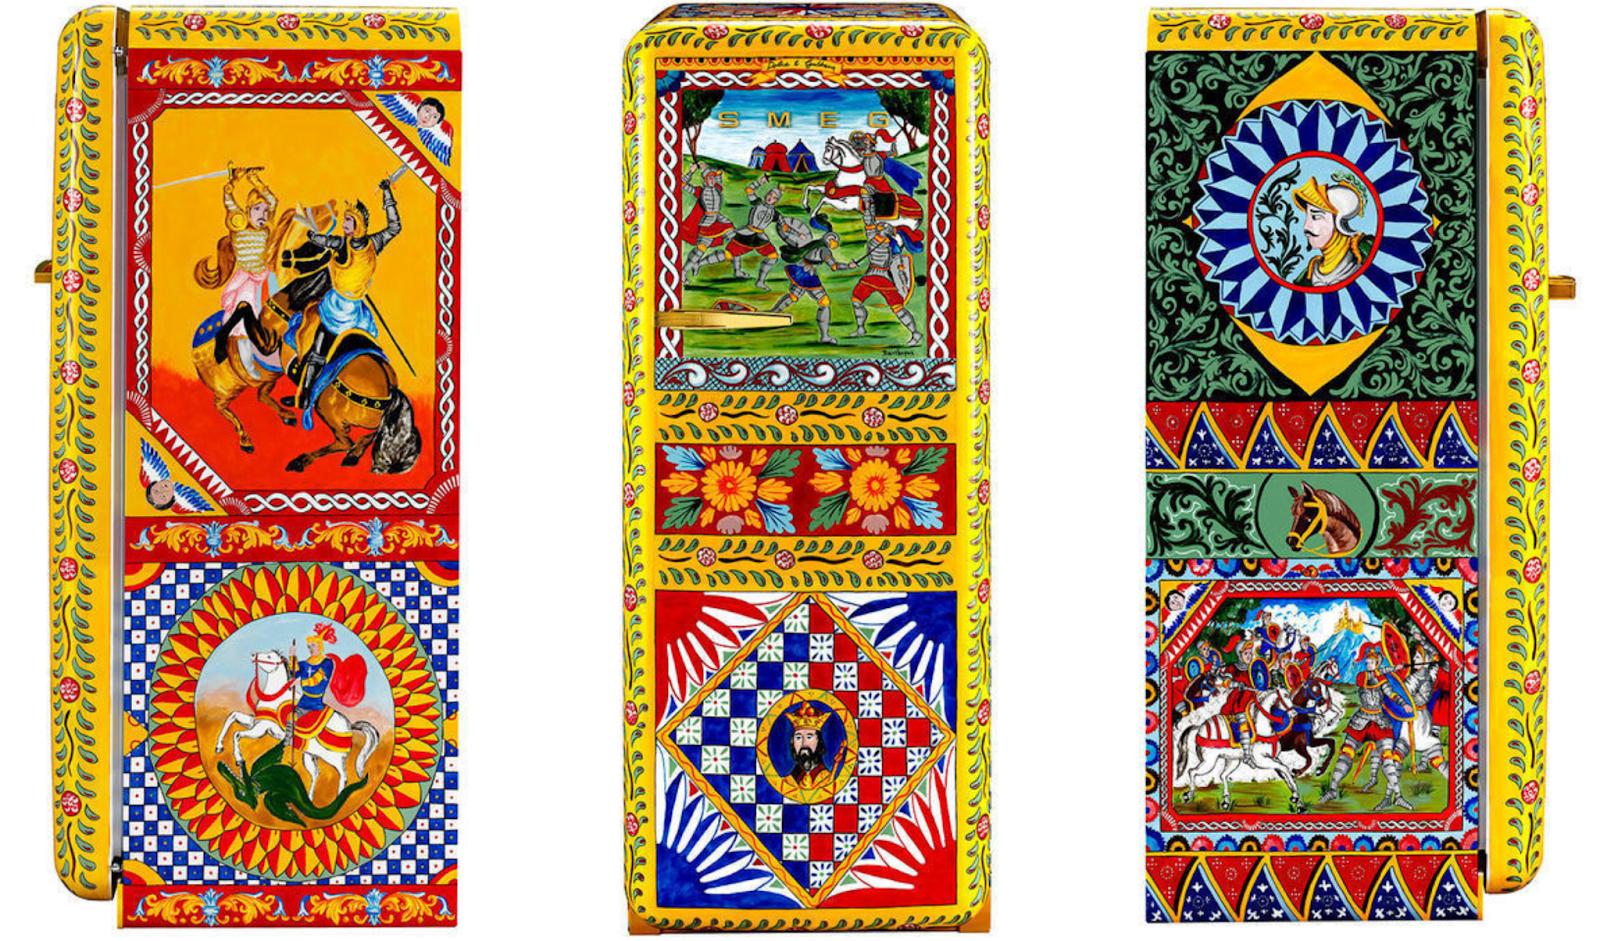 Frigoriferi smeg dipinti a mano dai fratelli Belvilacqua. Le immagini raccontano storie, tradizioni e leggende antiche e richiamano i colori siciliani, rosso, blu, verde e giallo.